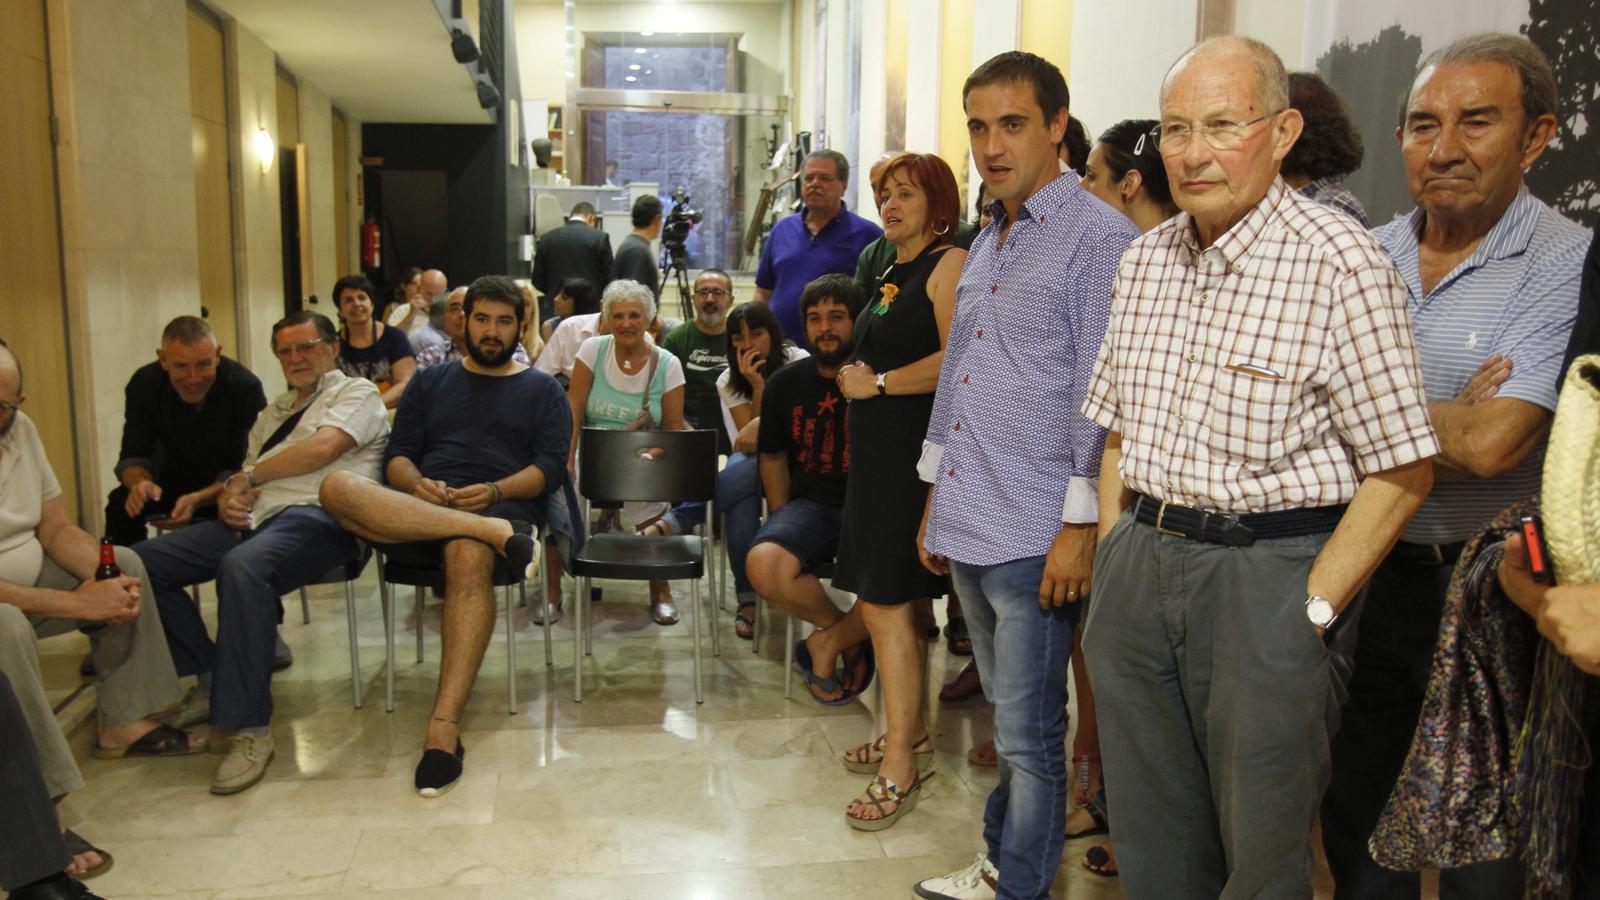 Membres de Sobriania per les Illes a Can Alcover durant la nit electoral del 26-J